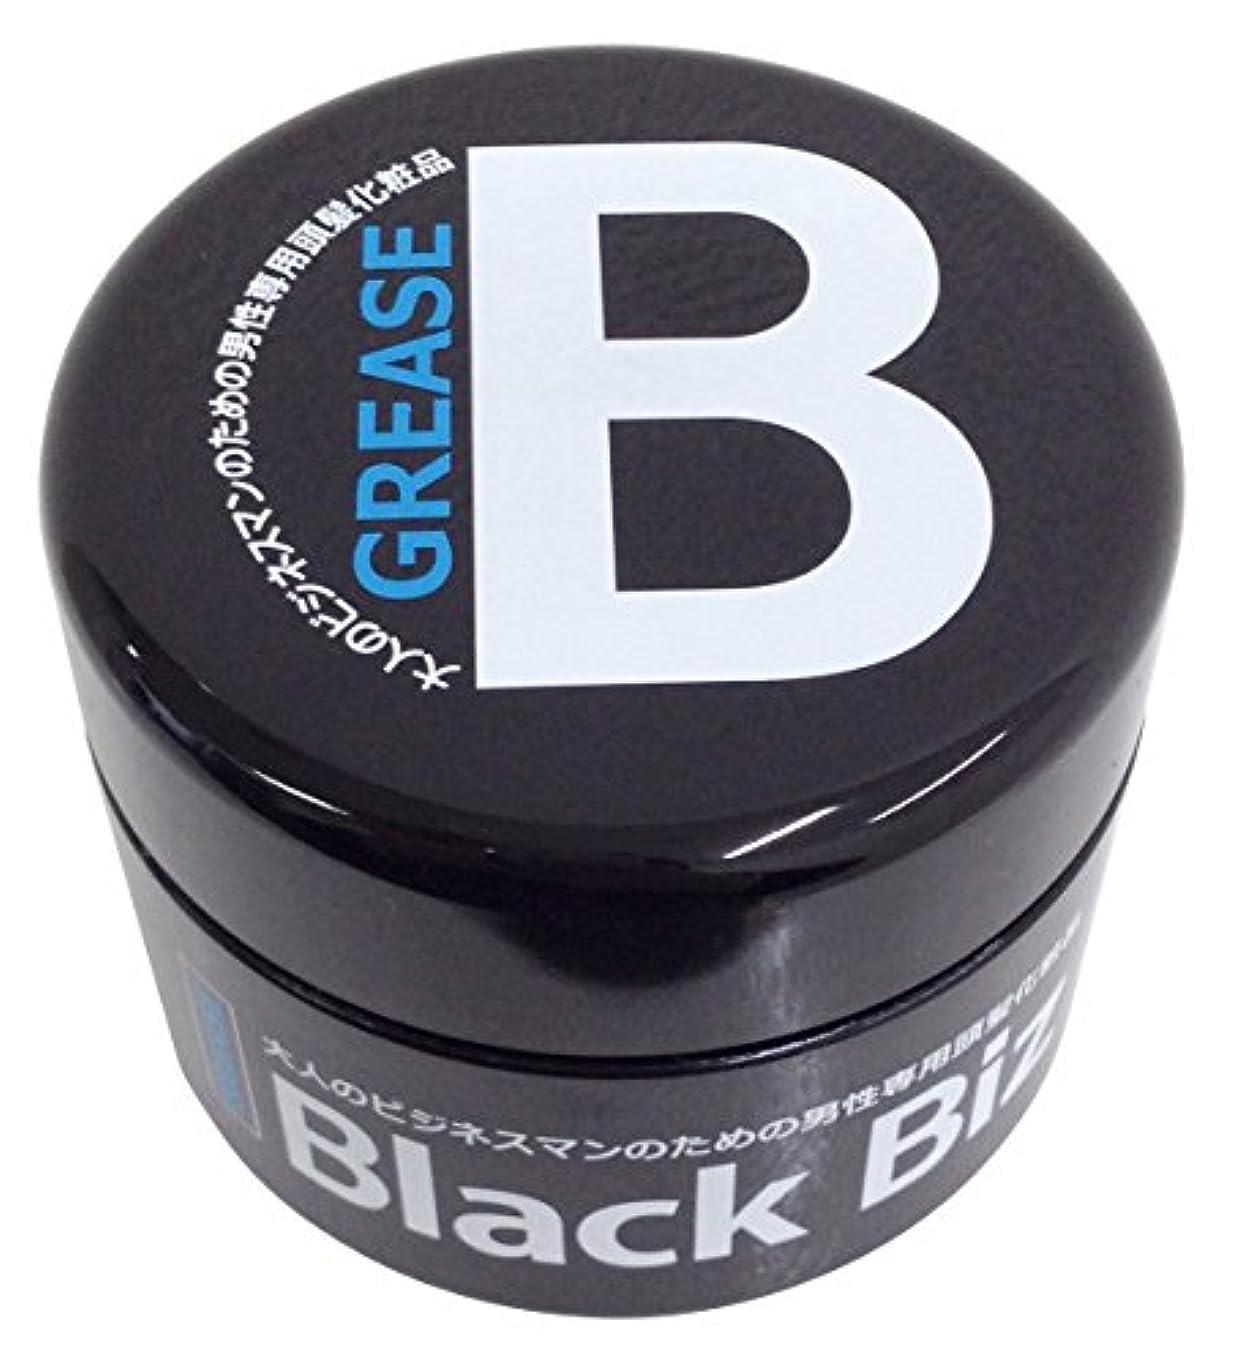 ベテラン本物第二大人のビジネスマンのための男性専用頭髪化粧品 BlackBiz GREASE SOFT ブラックビズ グリース ソフト